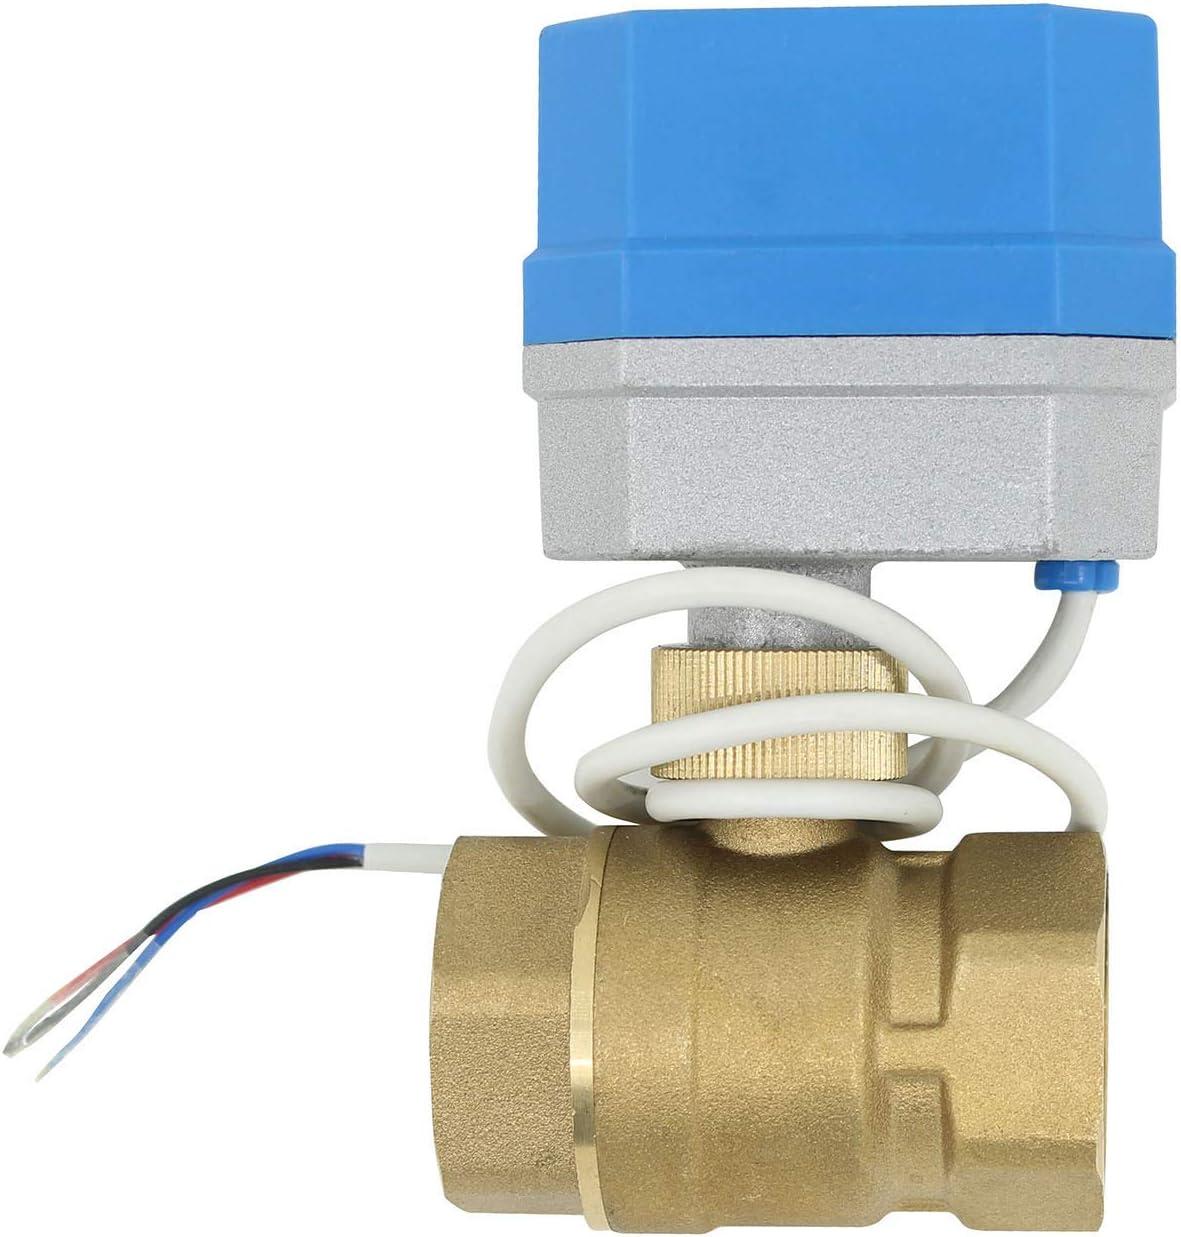 12v - 2 tipos de conexion - valvula esfera motorizada normalmente cerrado valvula 2 vias motorizada electrovalvula 12v 1/2 3/4 1 1-1/4 pulgada (1 pulgada DN25)